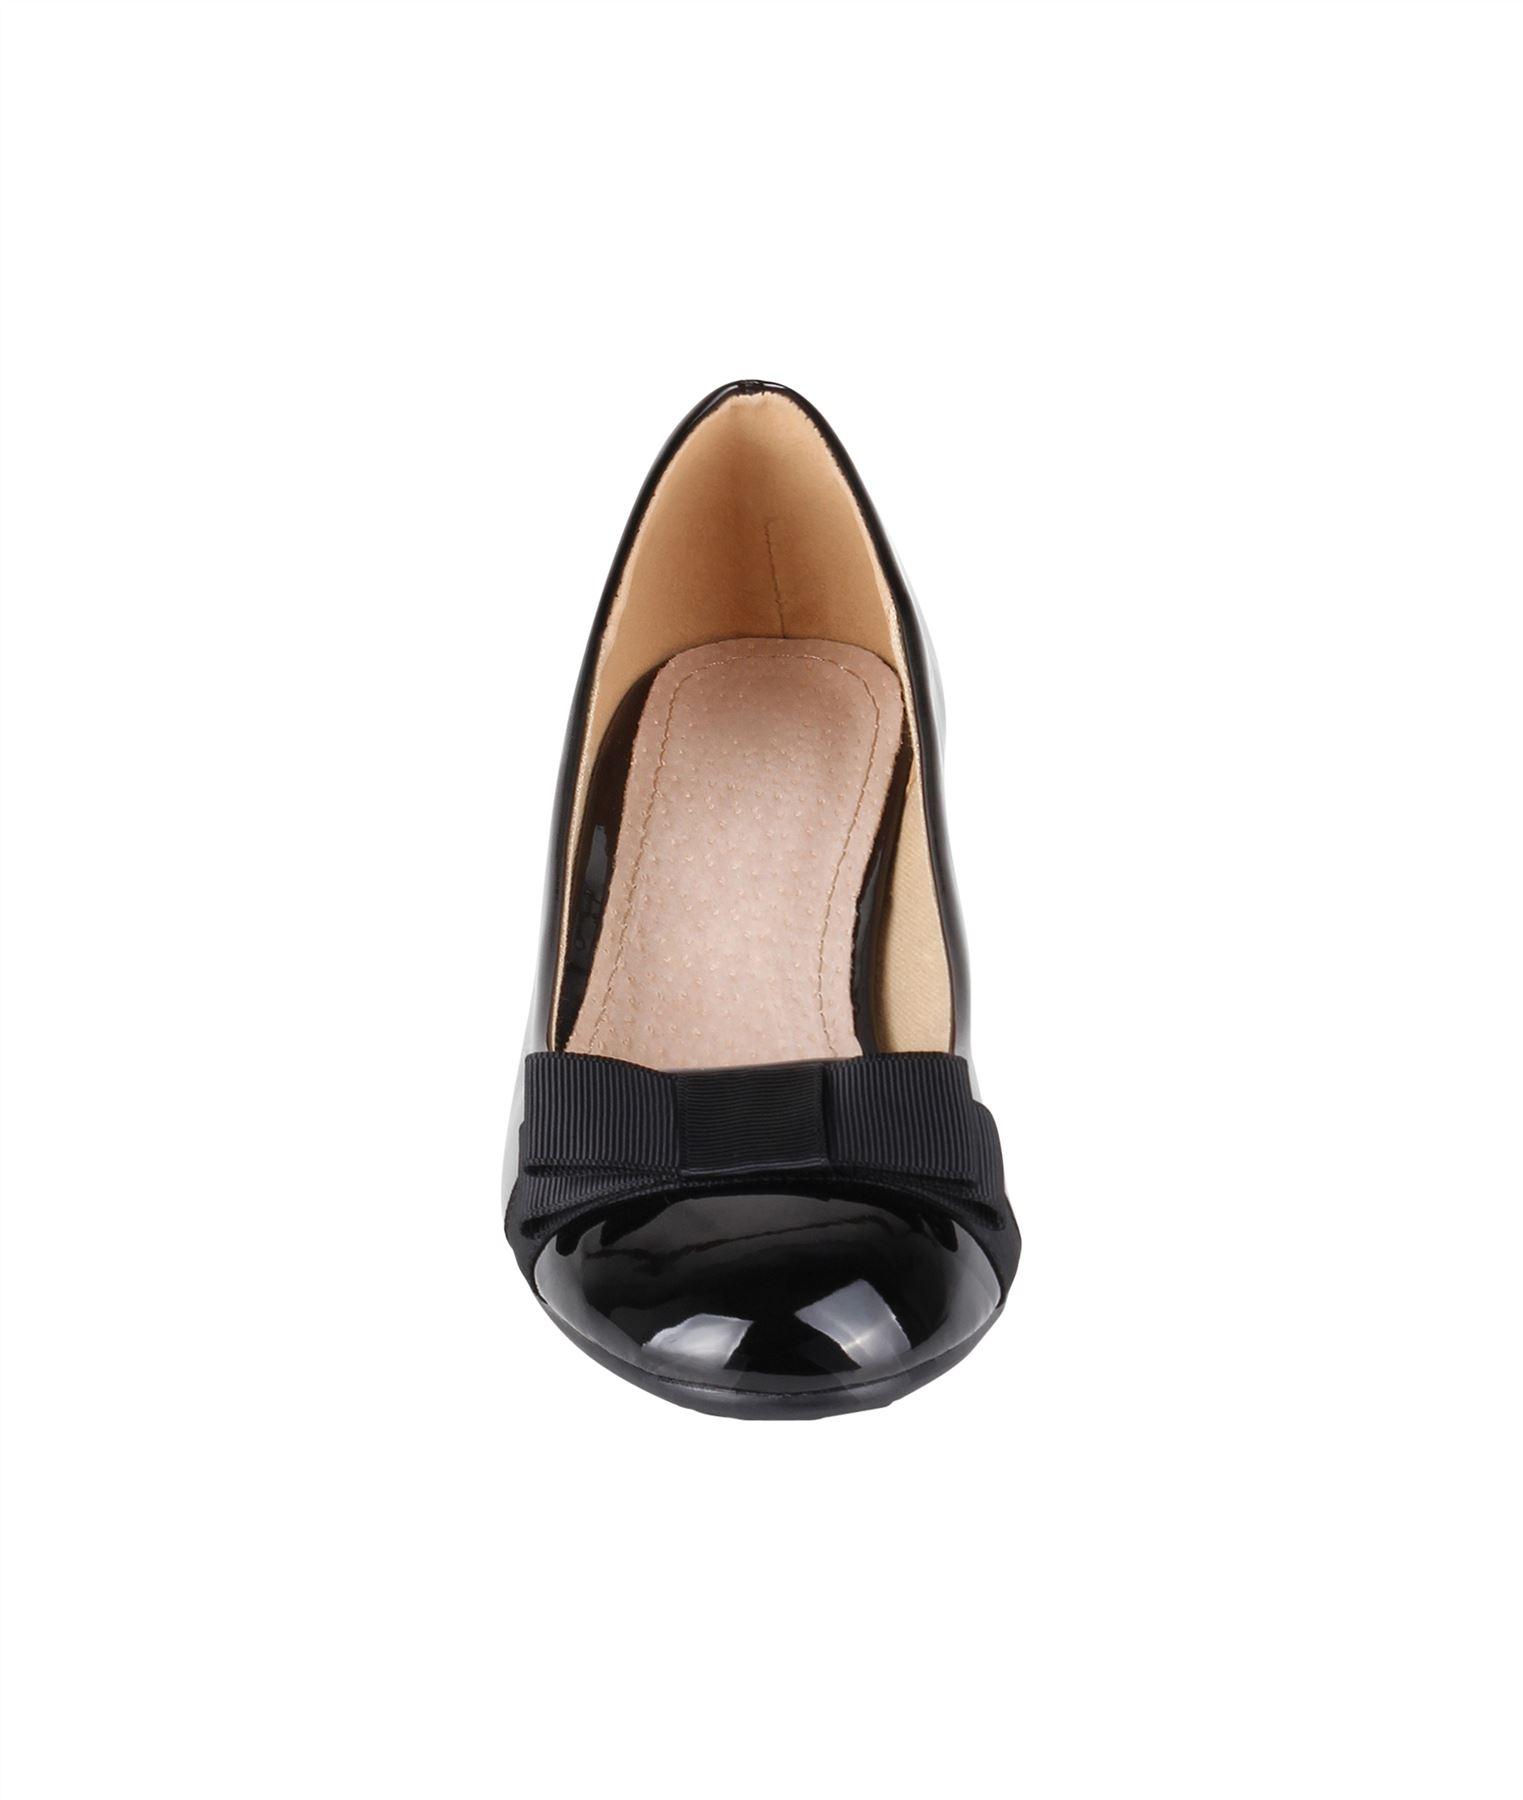 Damen-Elegante-Absatzschuhe-Hochlganz-Pumps-Blockabsatz-Ballerina-Schuhe-Chic Indexbild 24